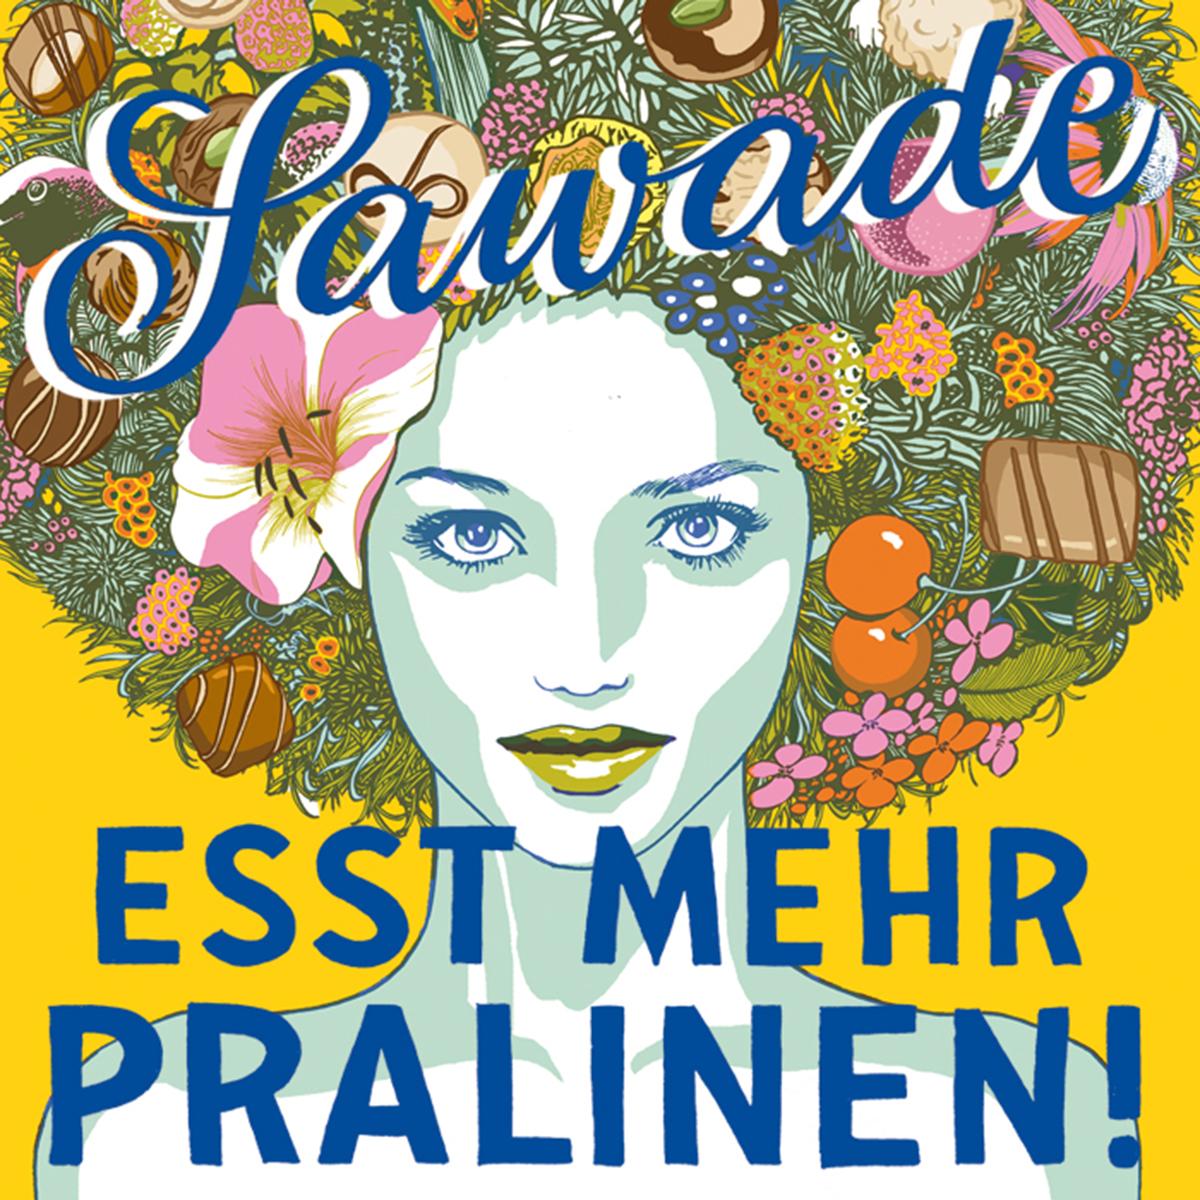 SAW_Esst-mehr-Pralinen-Frühling_1200x1200 - Kopie